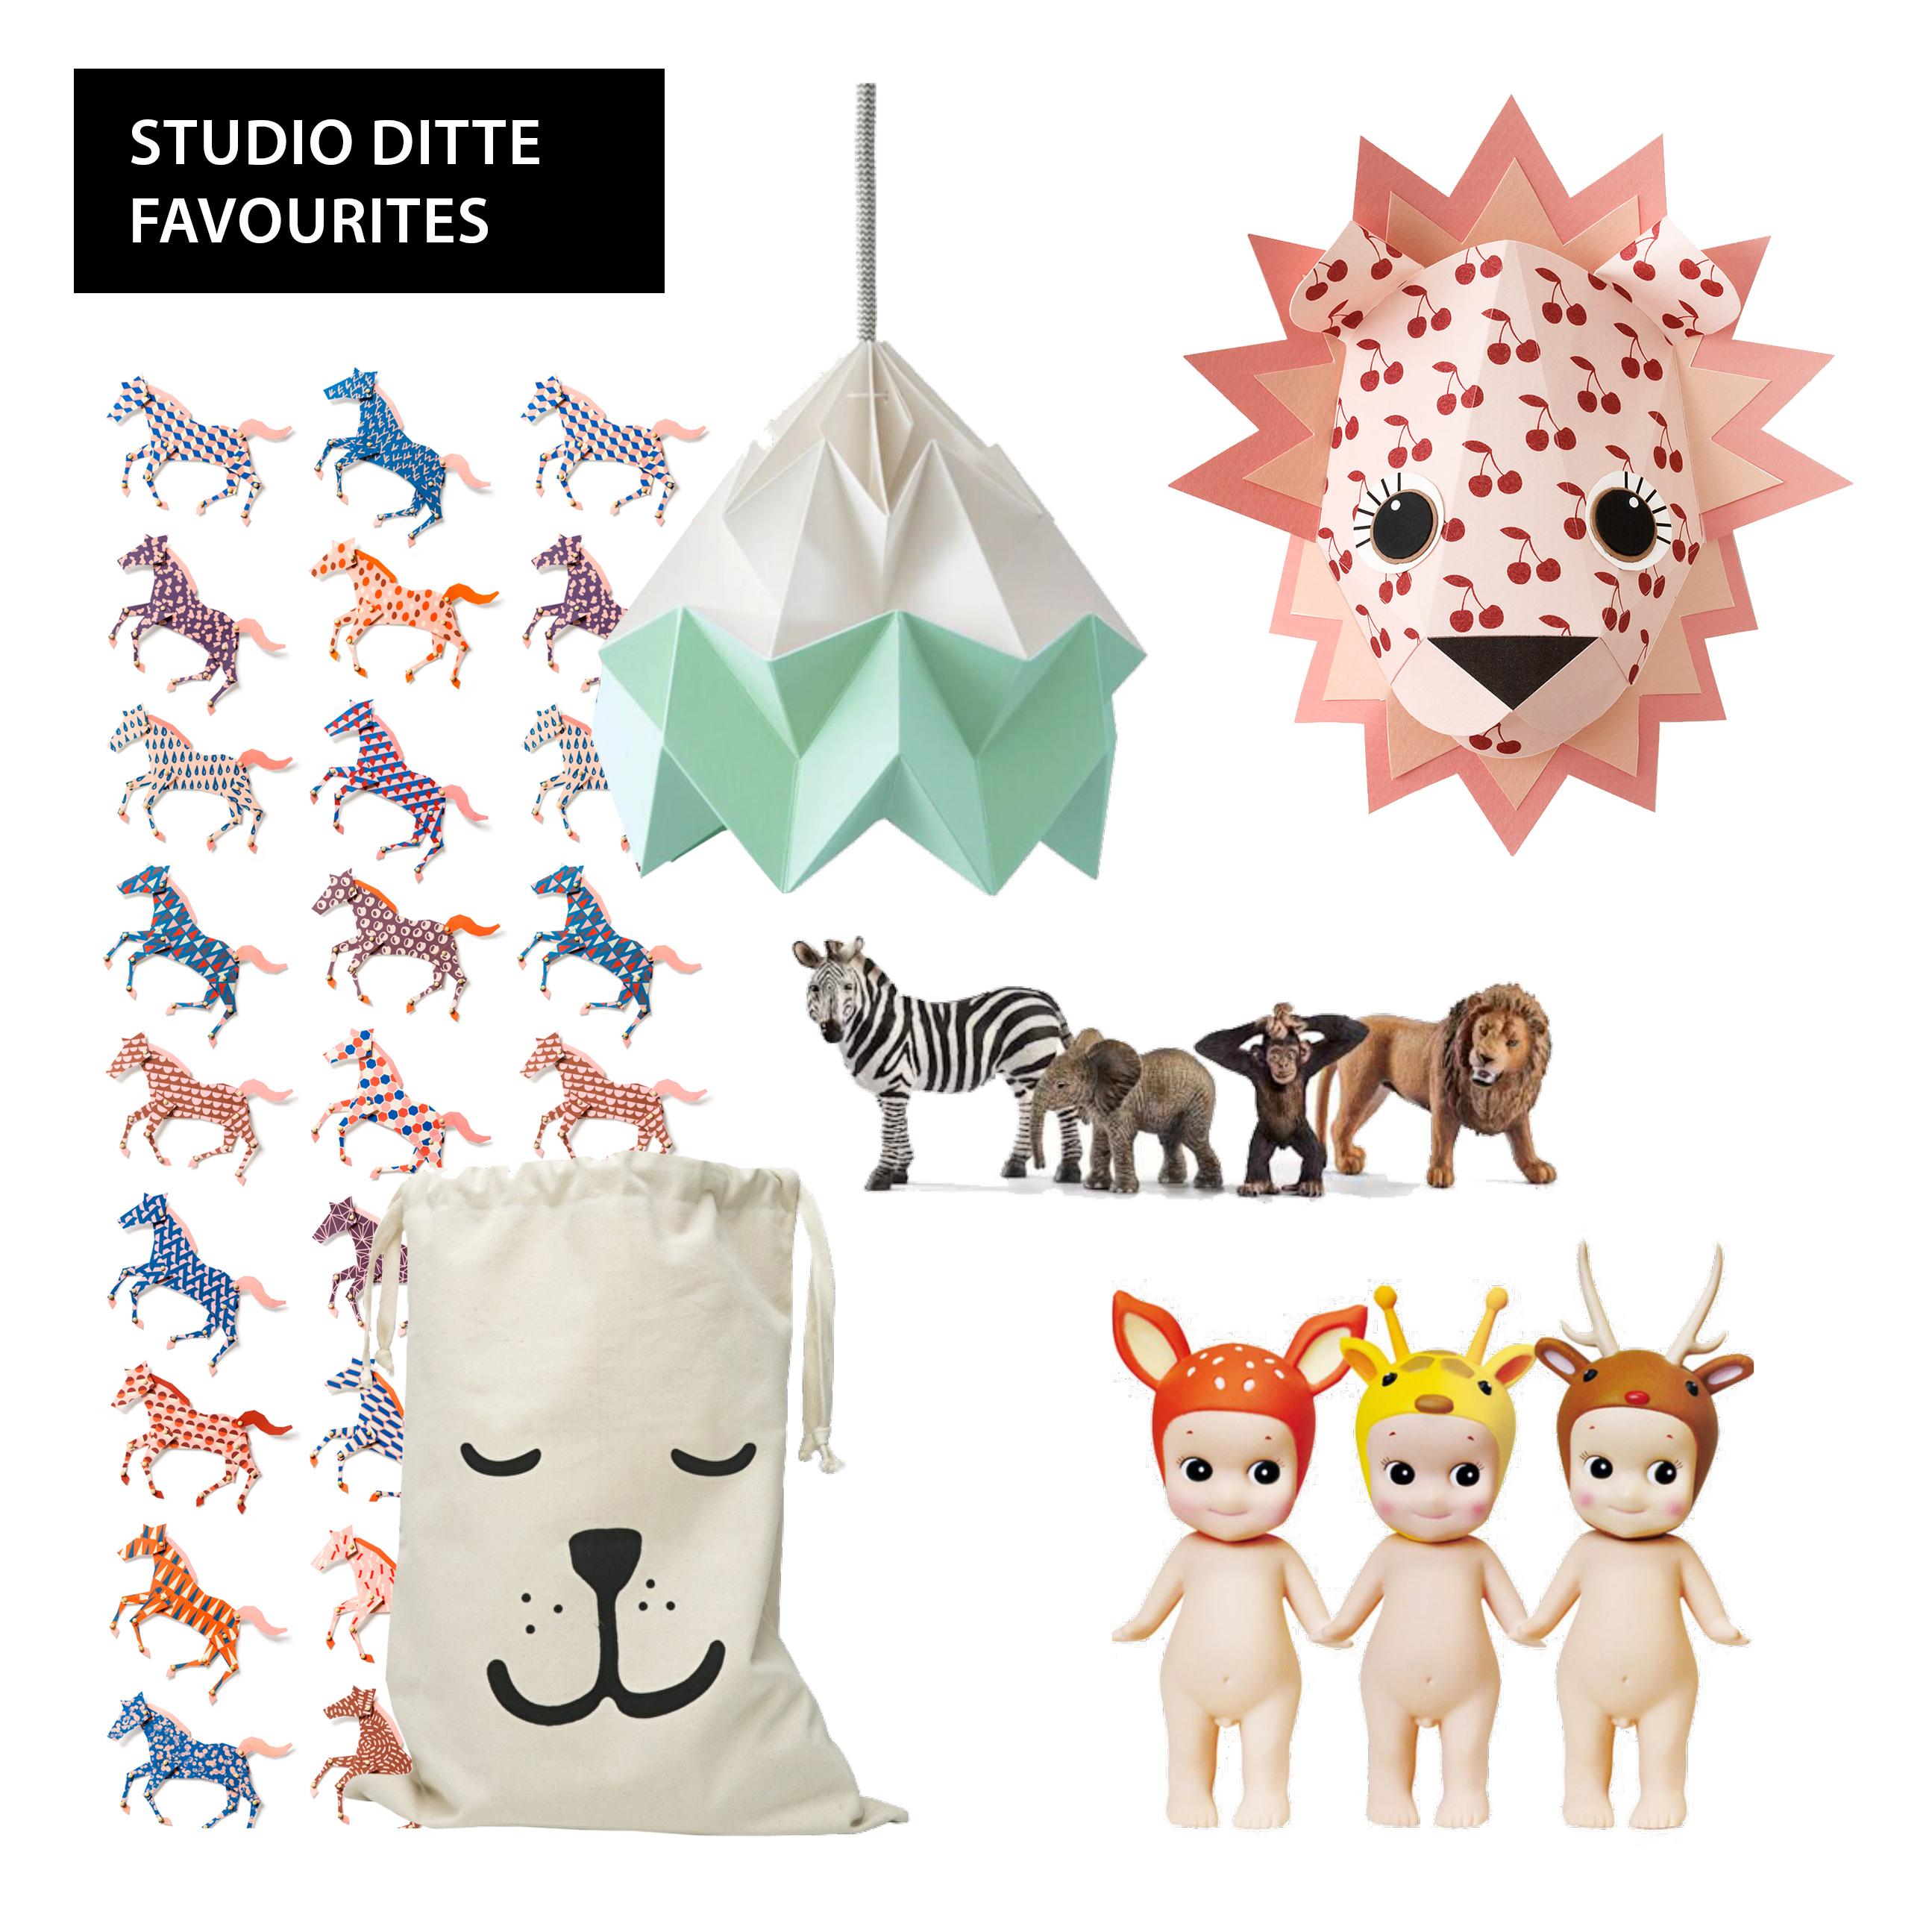 Studio Ditte favourites #02